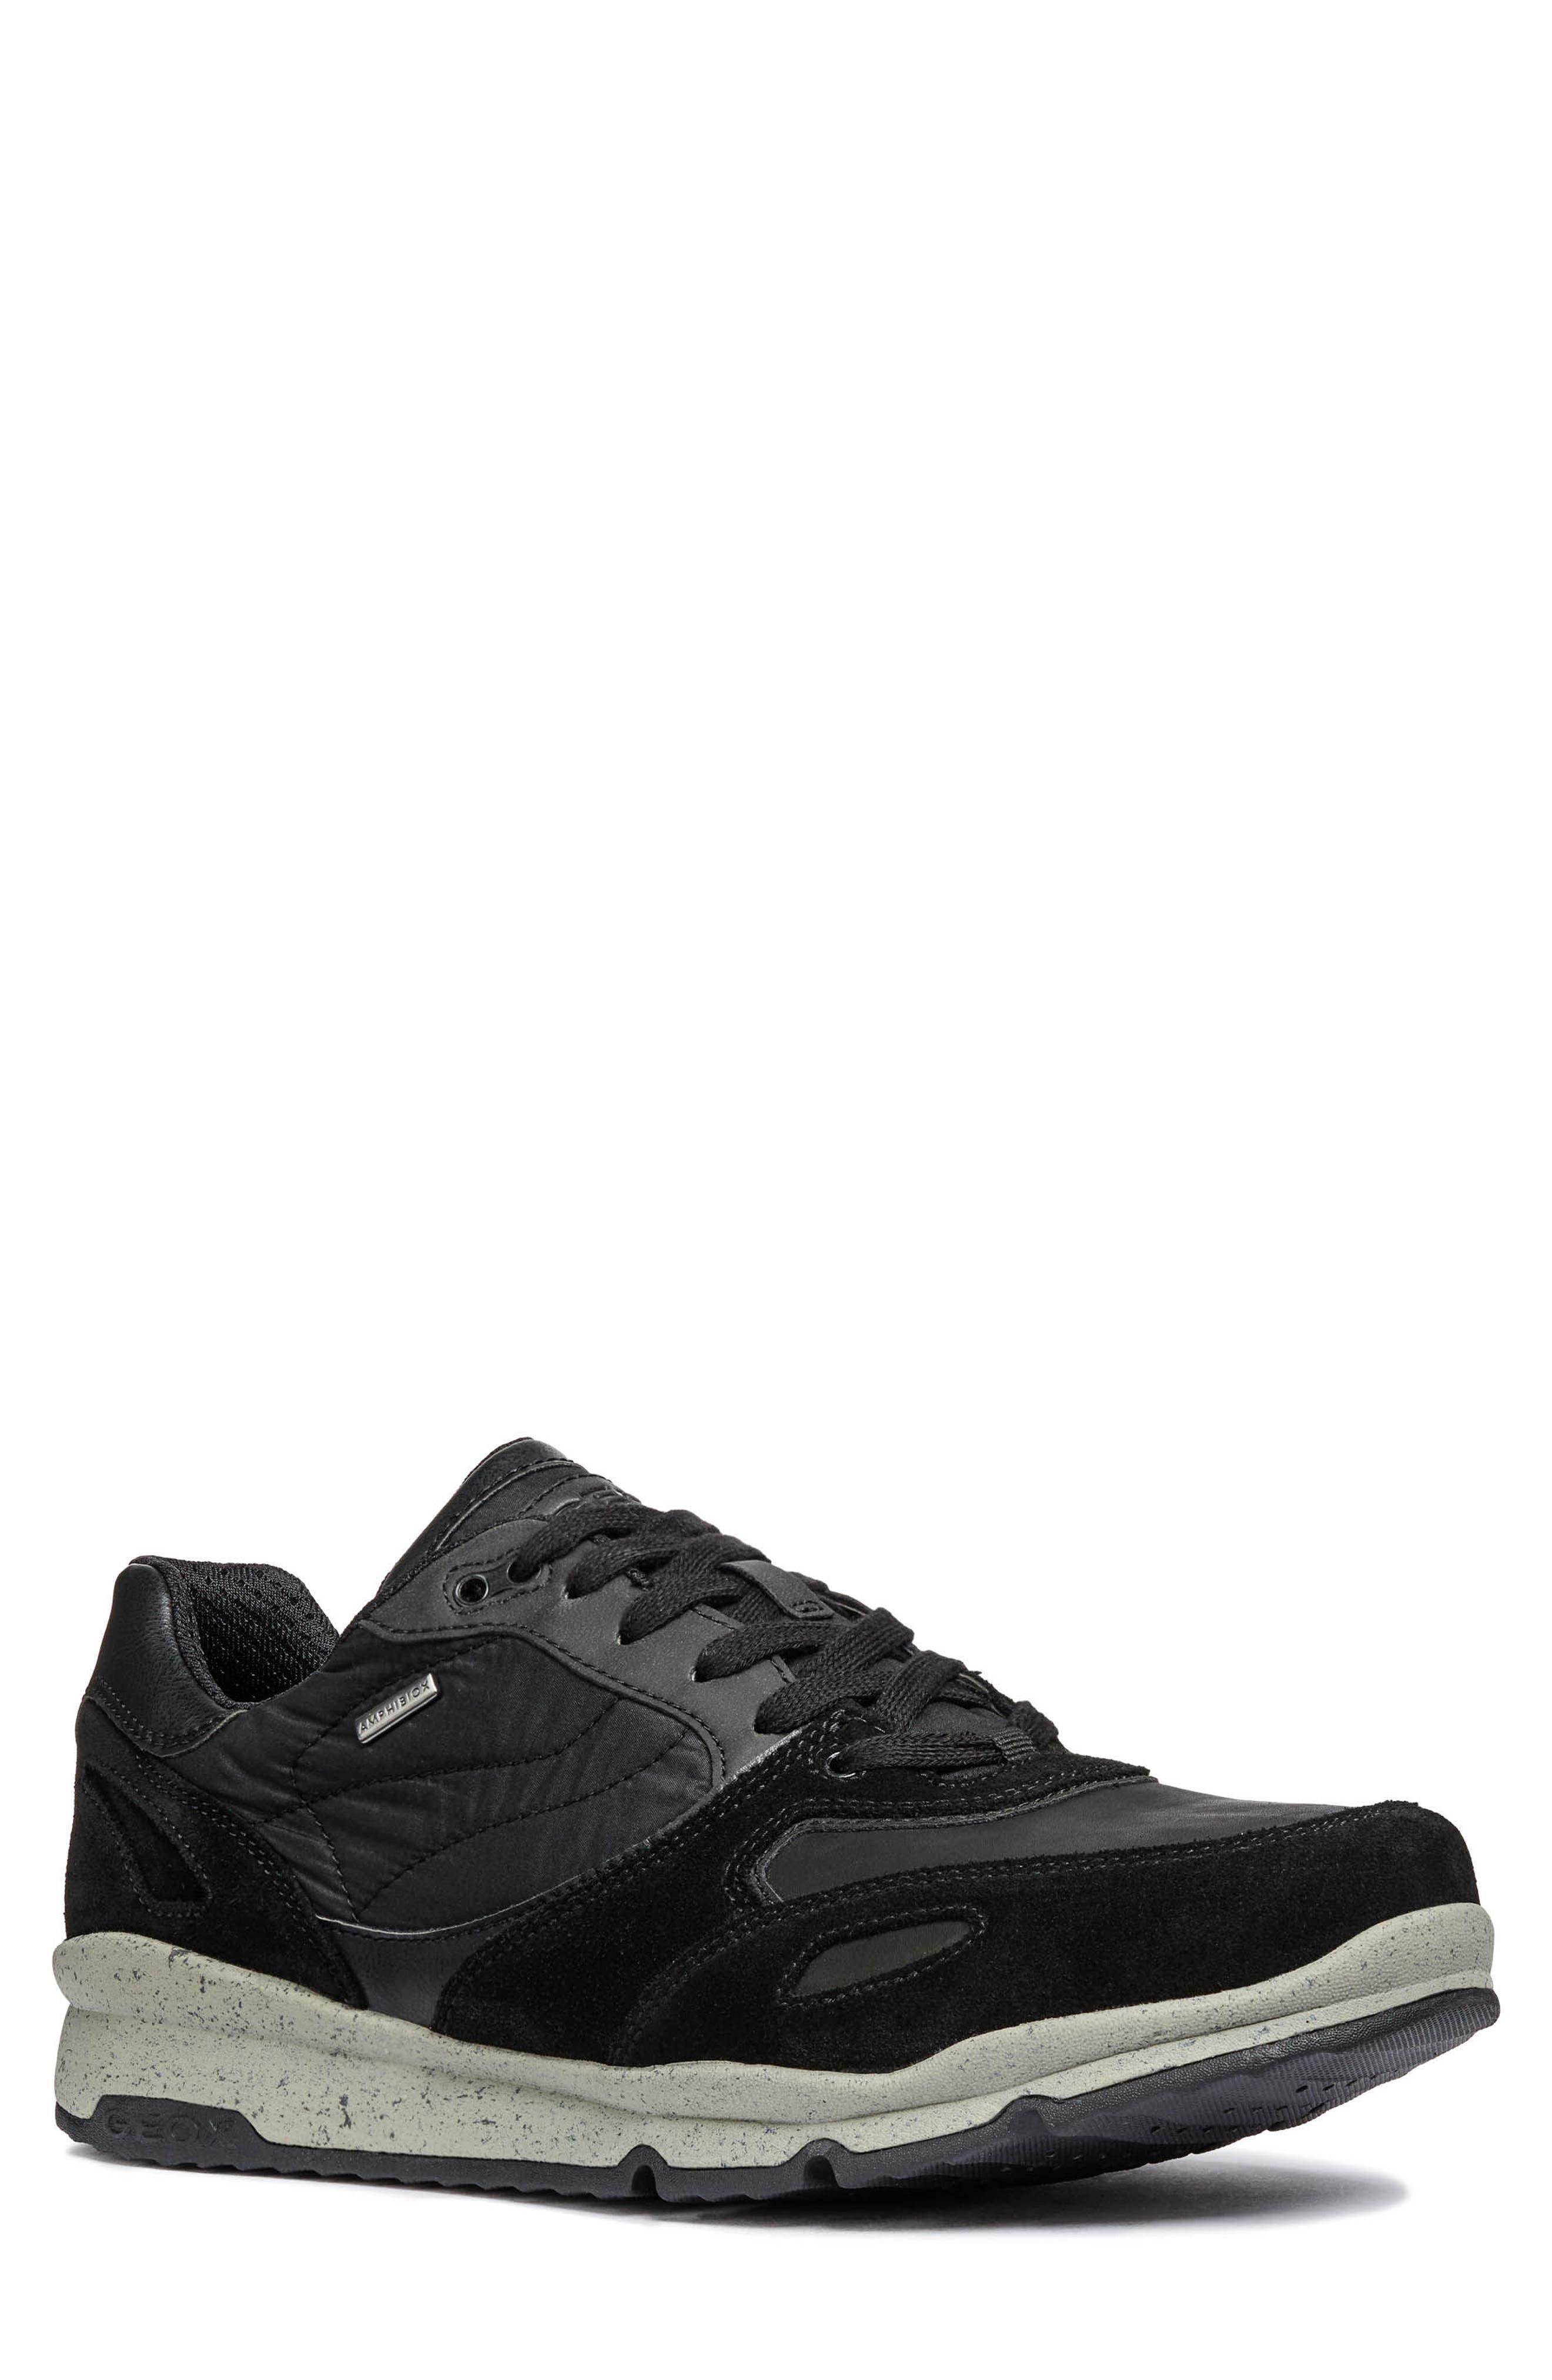 Geox Sandro Abx Ambphibiox Waterproof Sneaker, Black